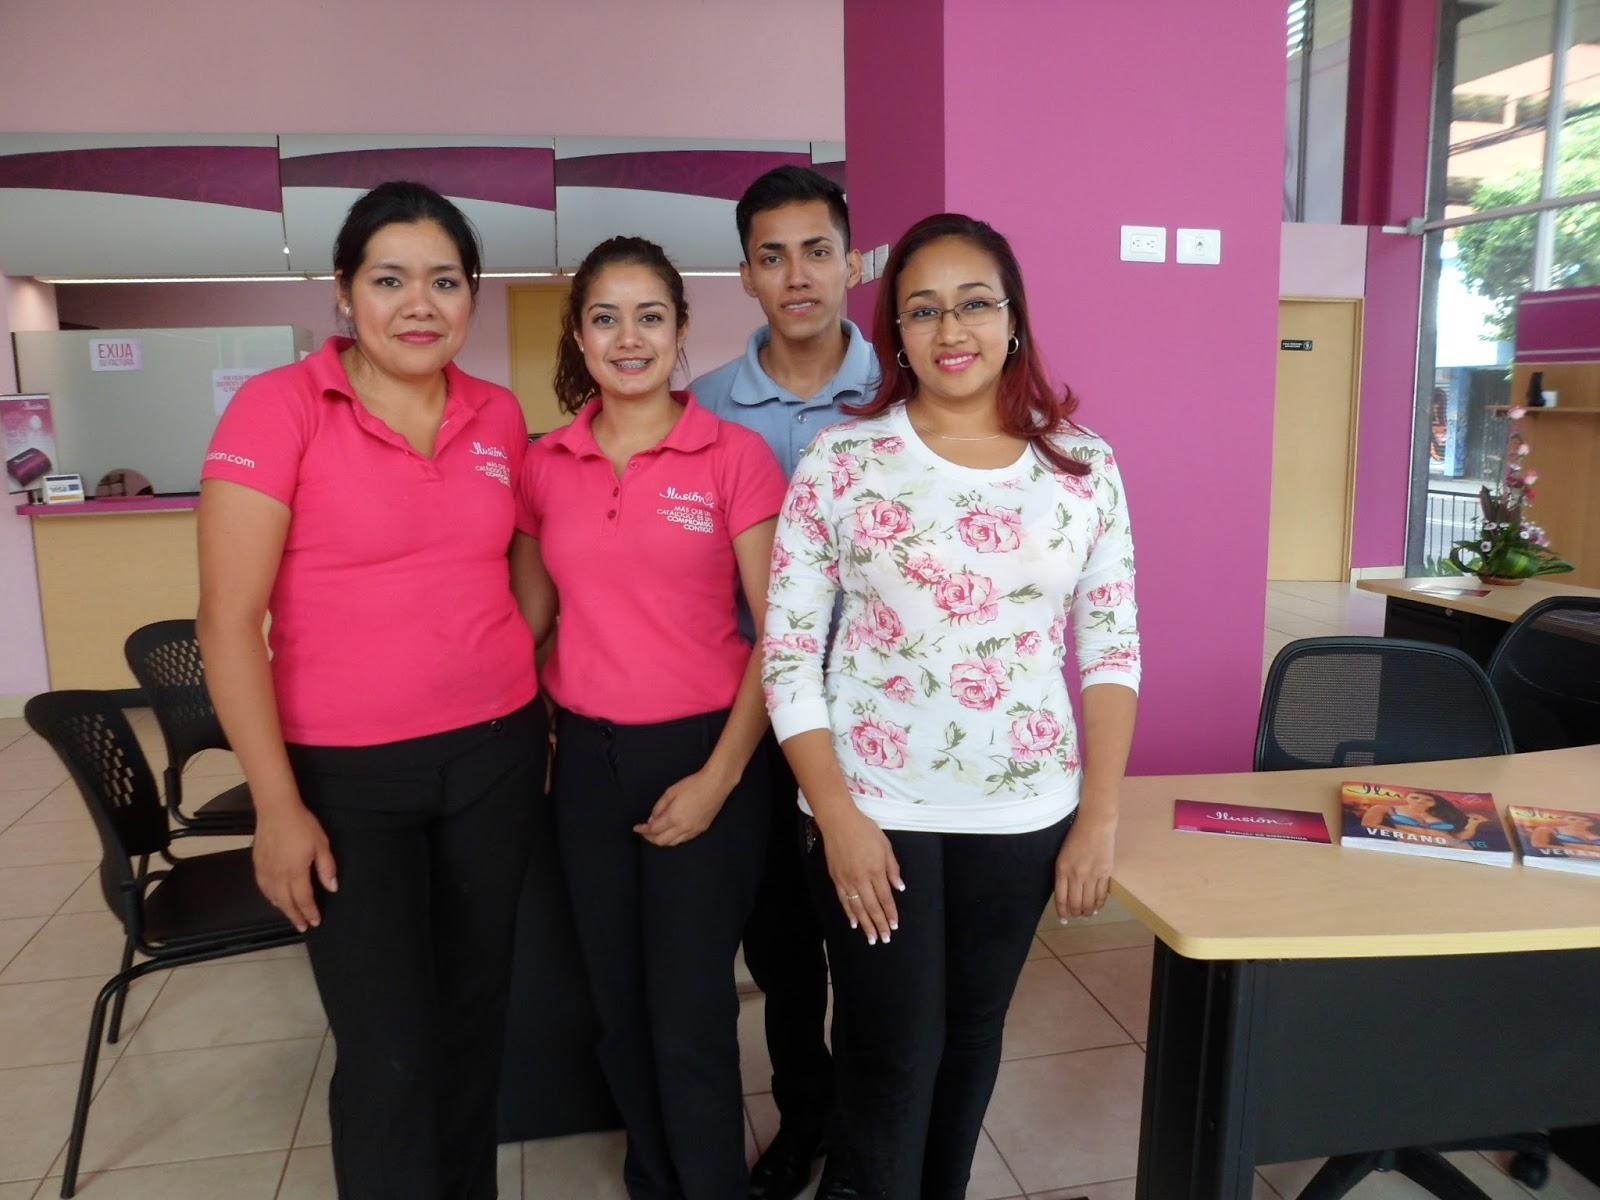 93b684f8f Nueva tienda Ilusión abre sus puertas - Revista ESE